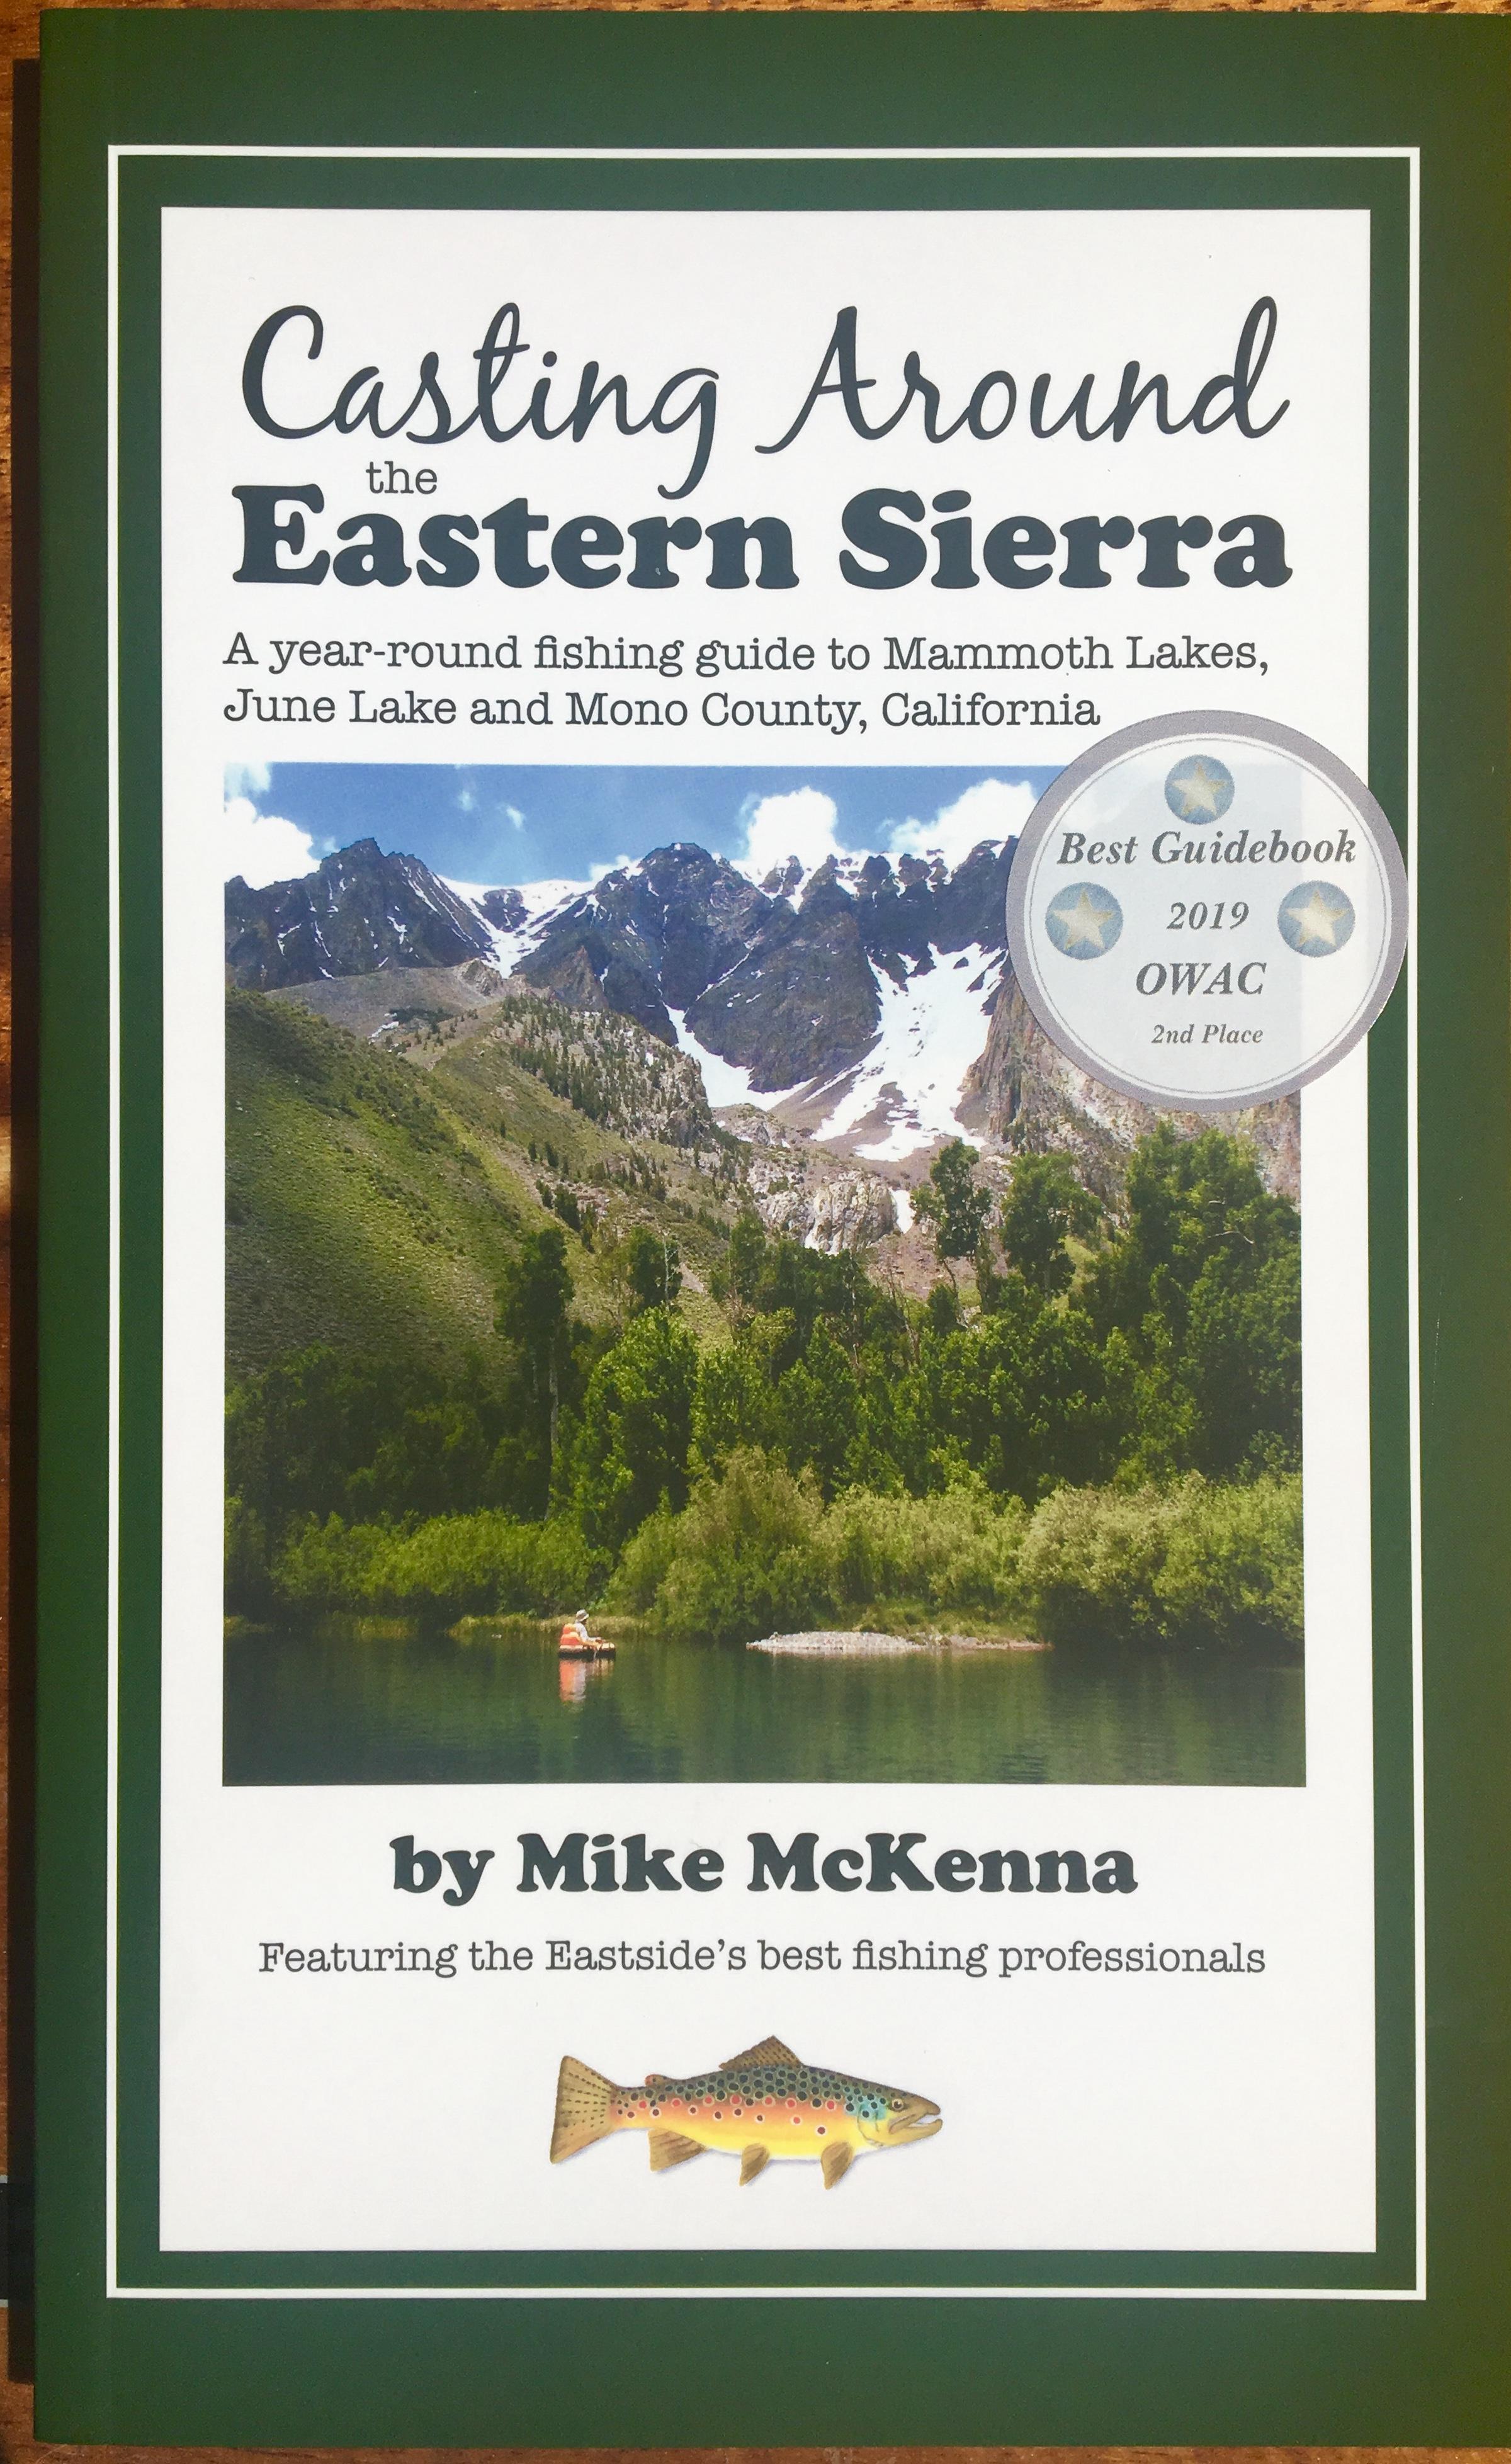 Buy the award-winng guidebook now!